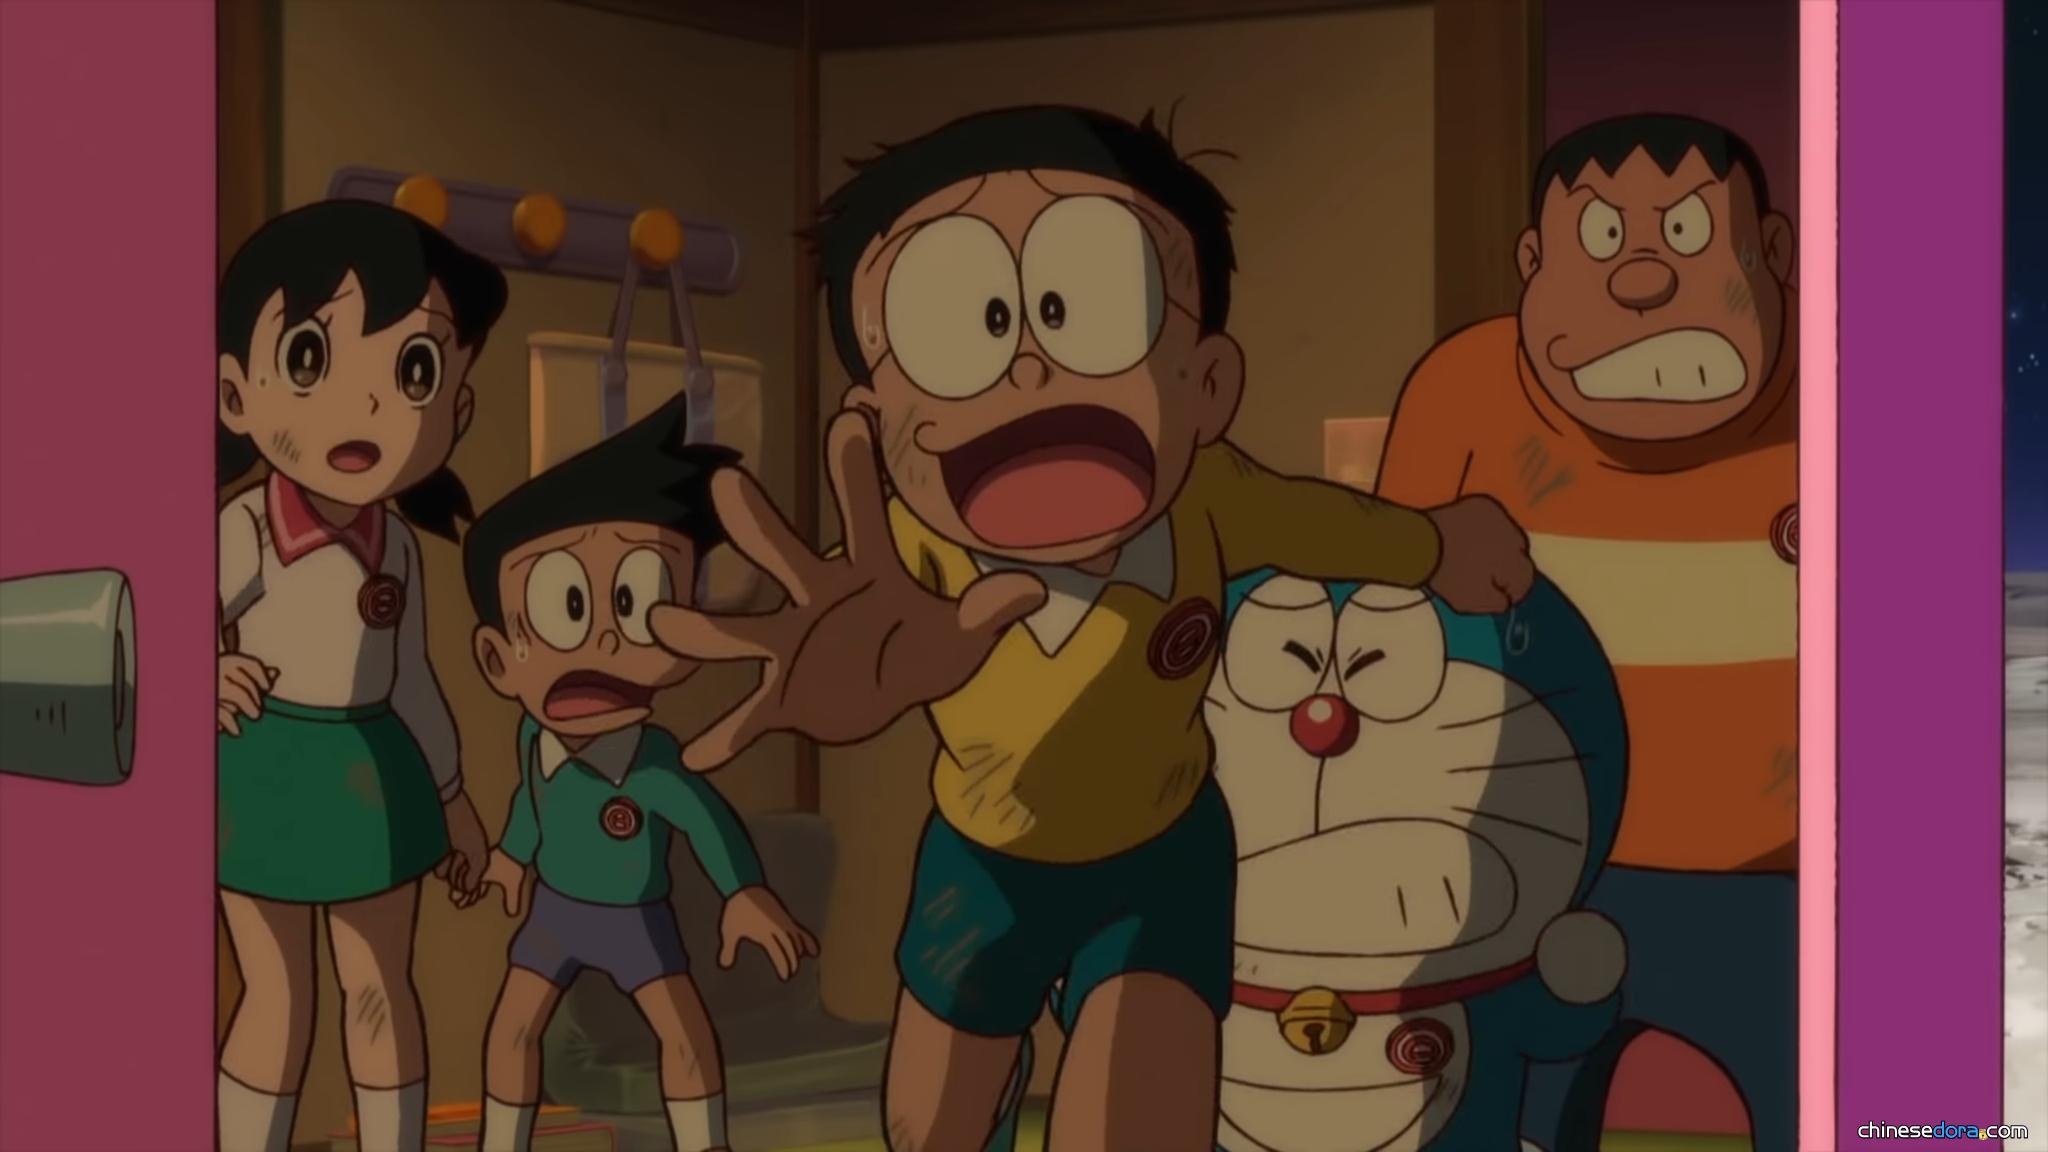 [影評] 《電影哆啦A夢:大雄之月球探測記》觀眾香港首映評價及記者觀後感